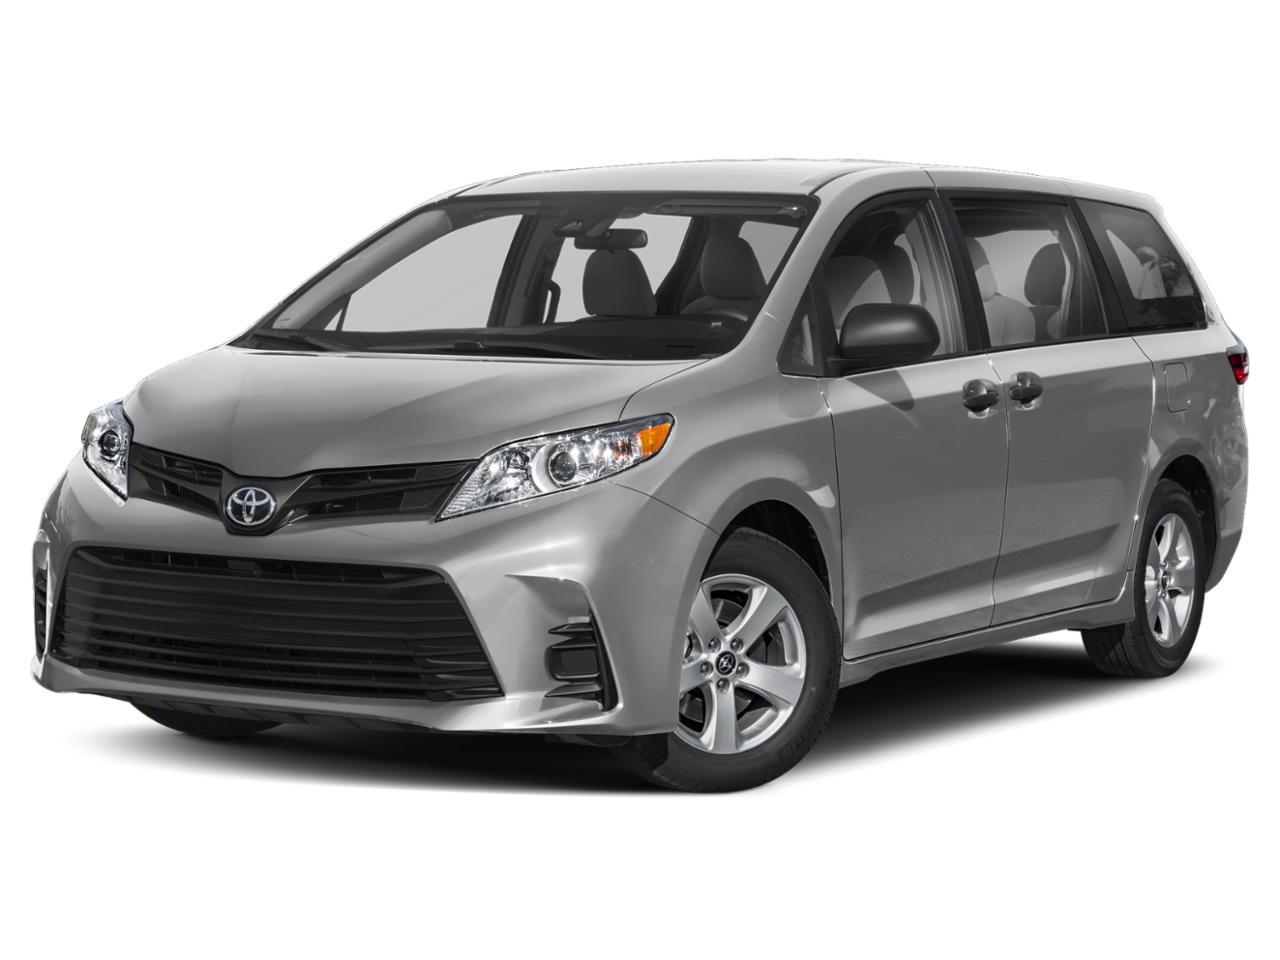 2018 Toyota Sienna Vehicle Photo in GARDNER, MA 01440-3110